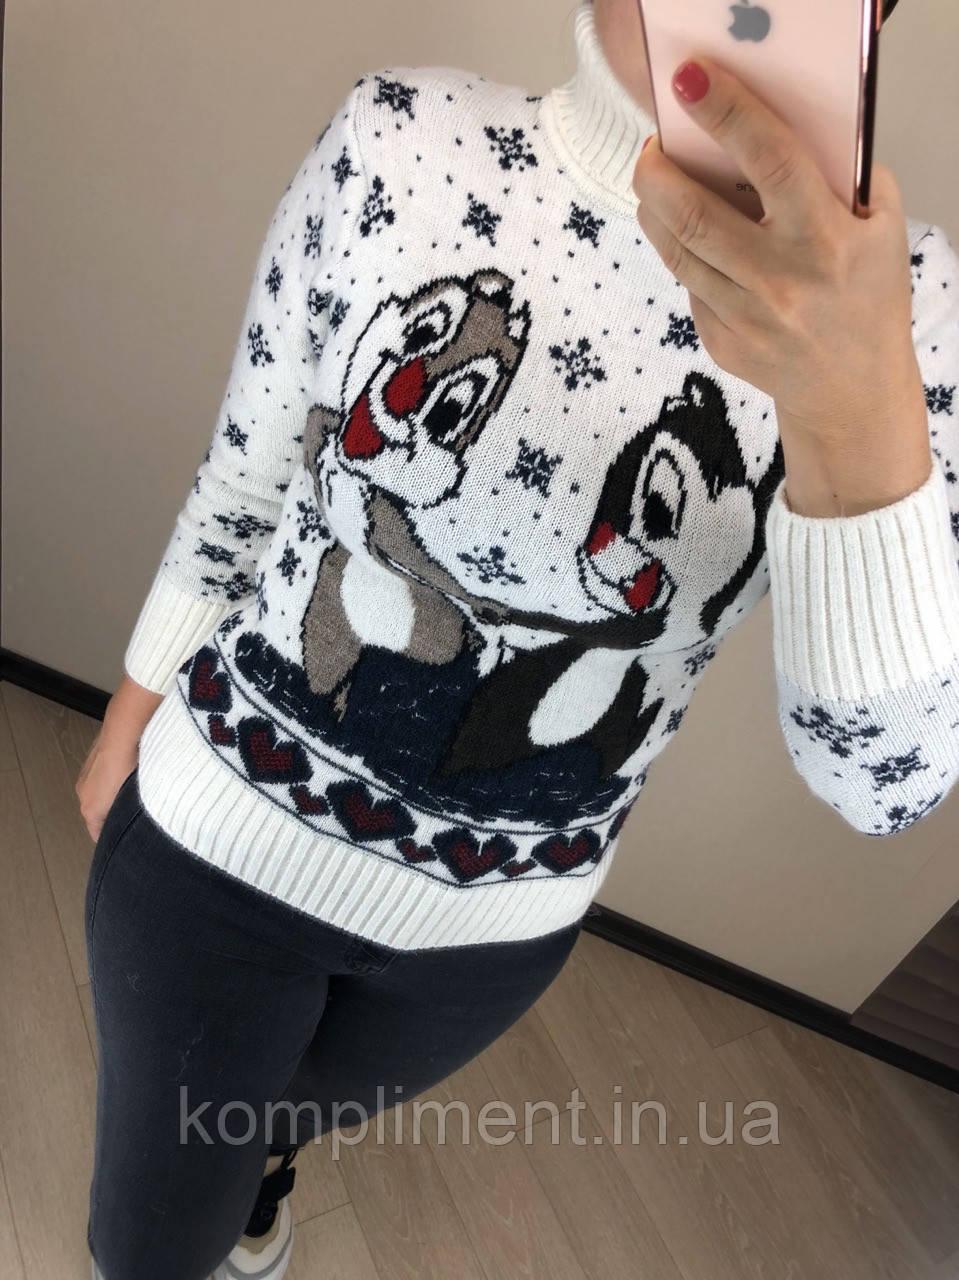 Жіночий вовняний светр з малюнком бурундуки, білий